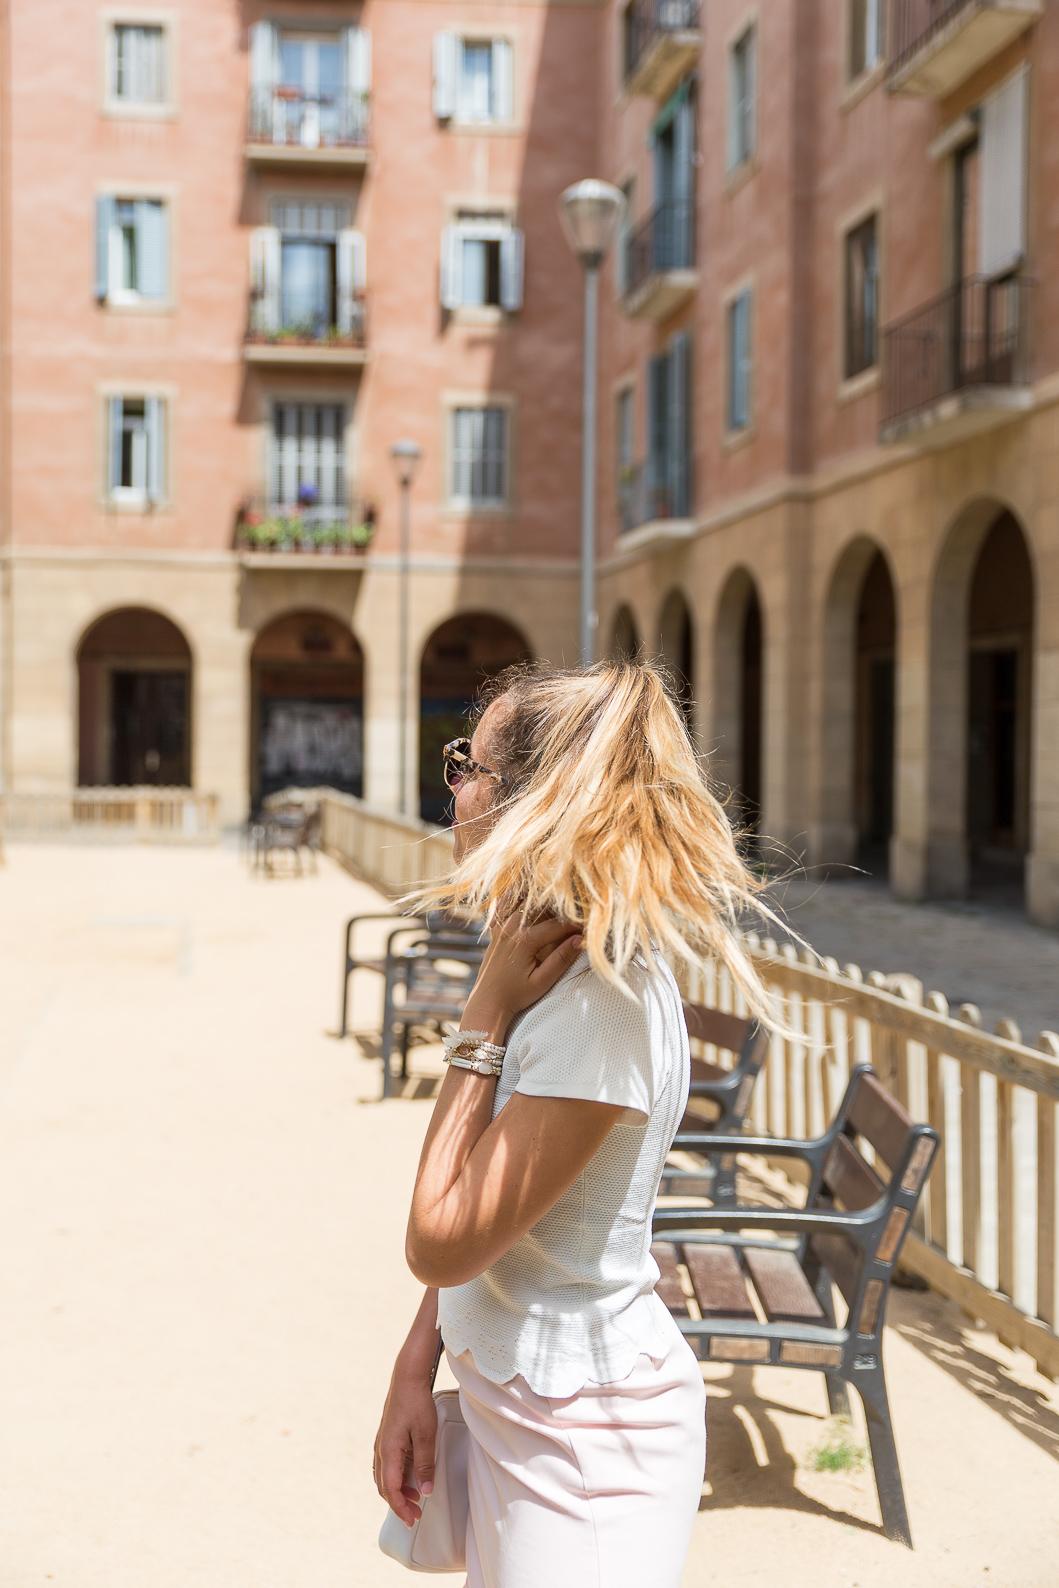 Cheveux longs blonds attachés